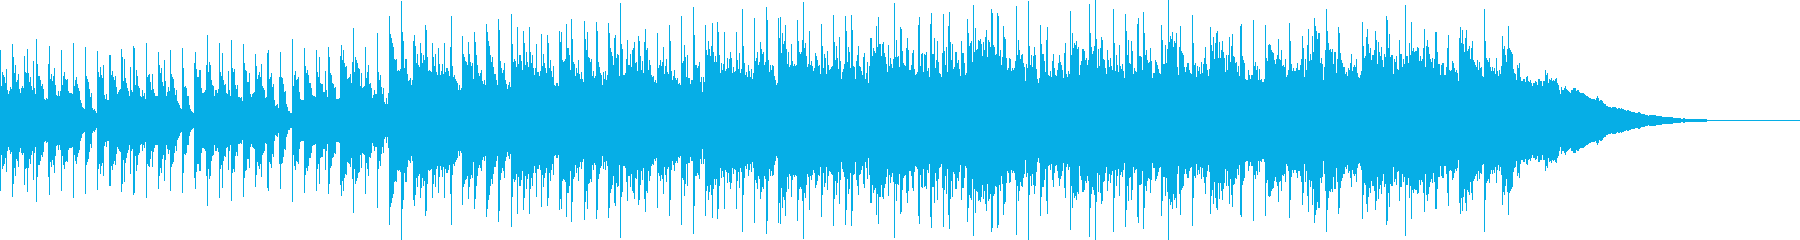 キャッチーなロックの曲の再生済みの波形